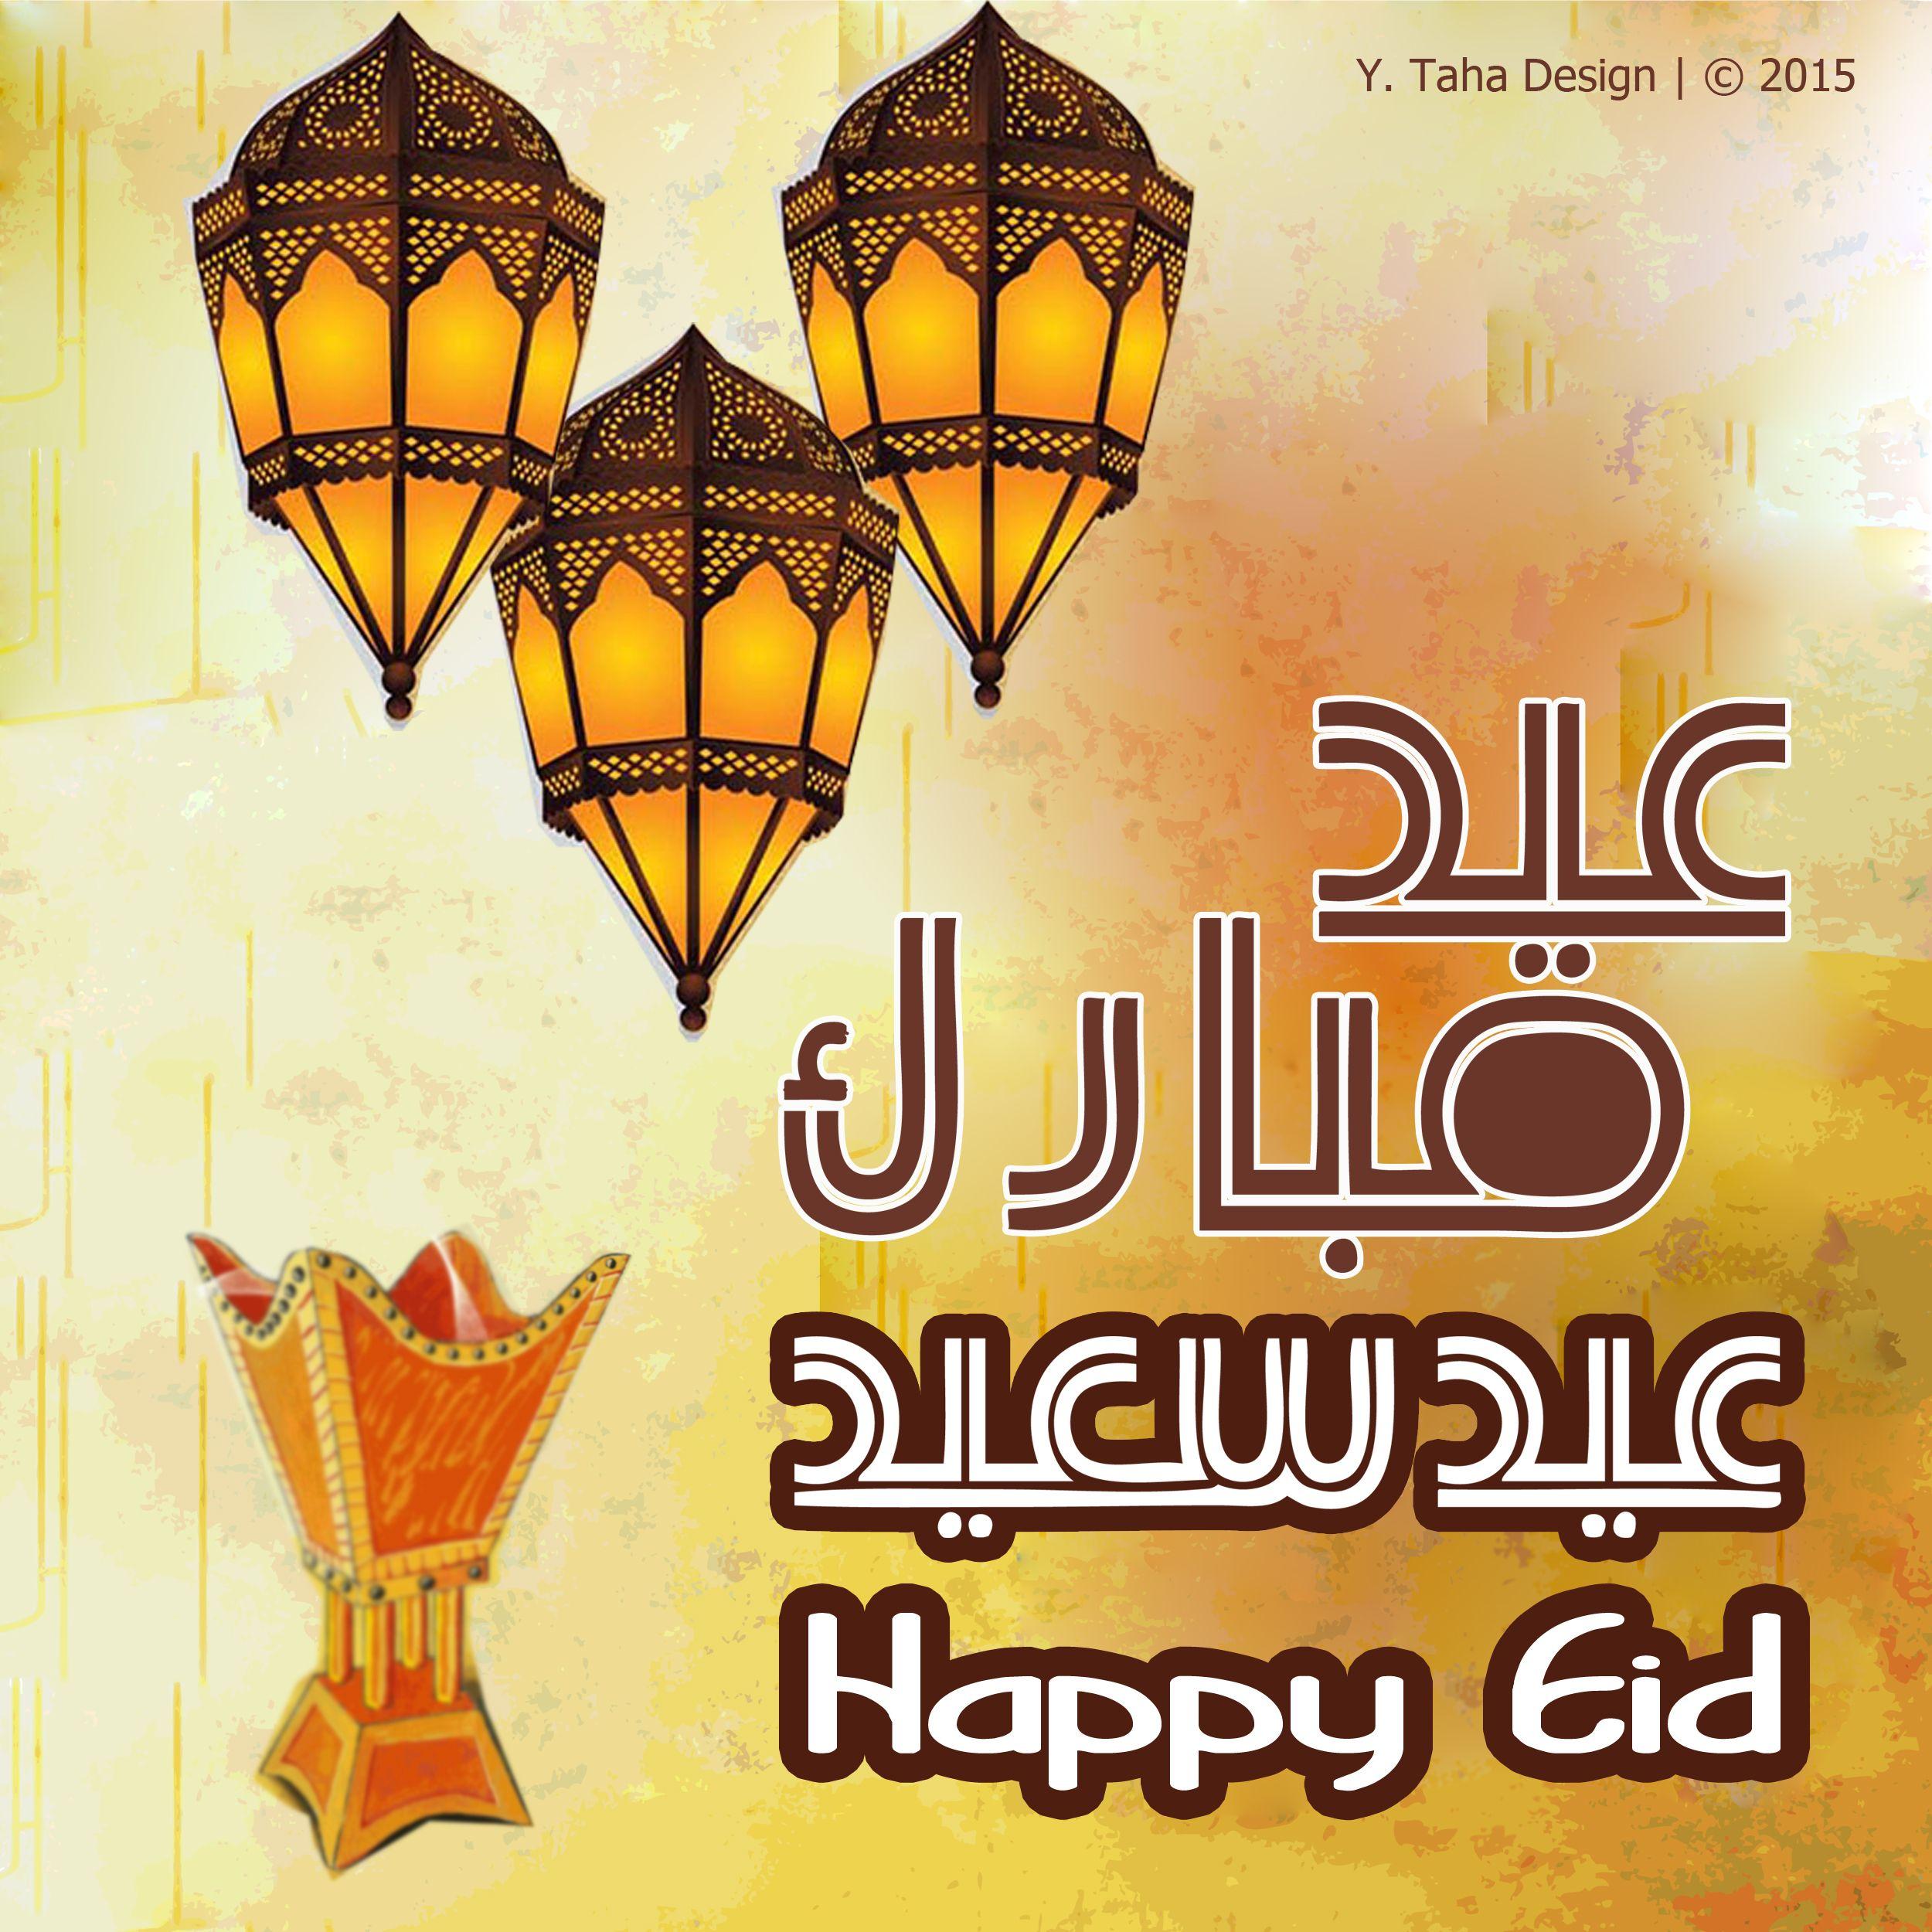 كل عام وانتم بخير بمناسبة عيد الفطر المبارك Happy Eid Happy Design